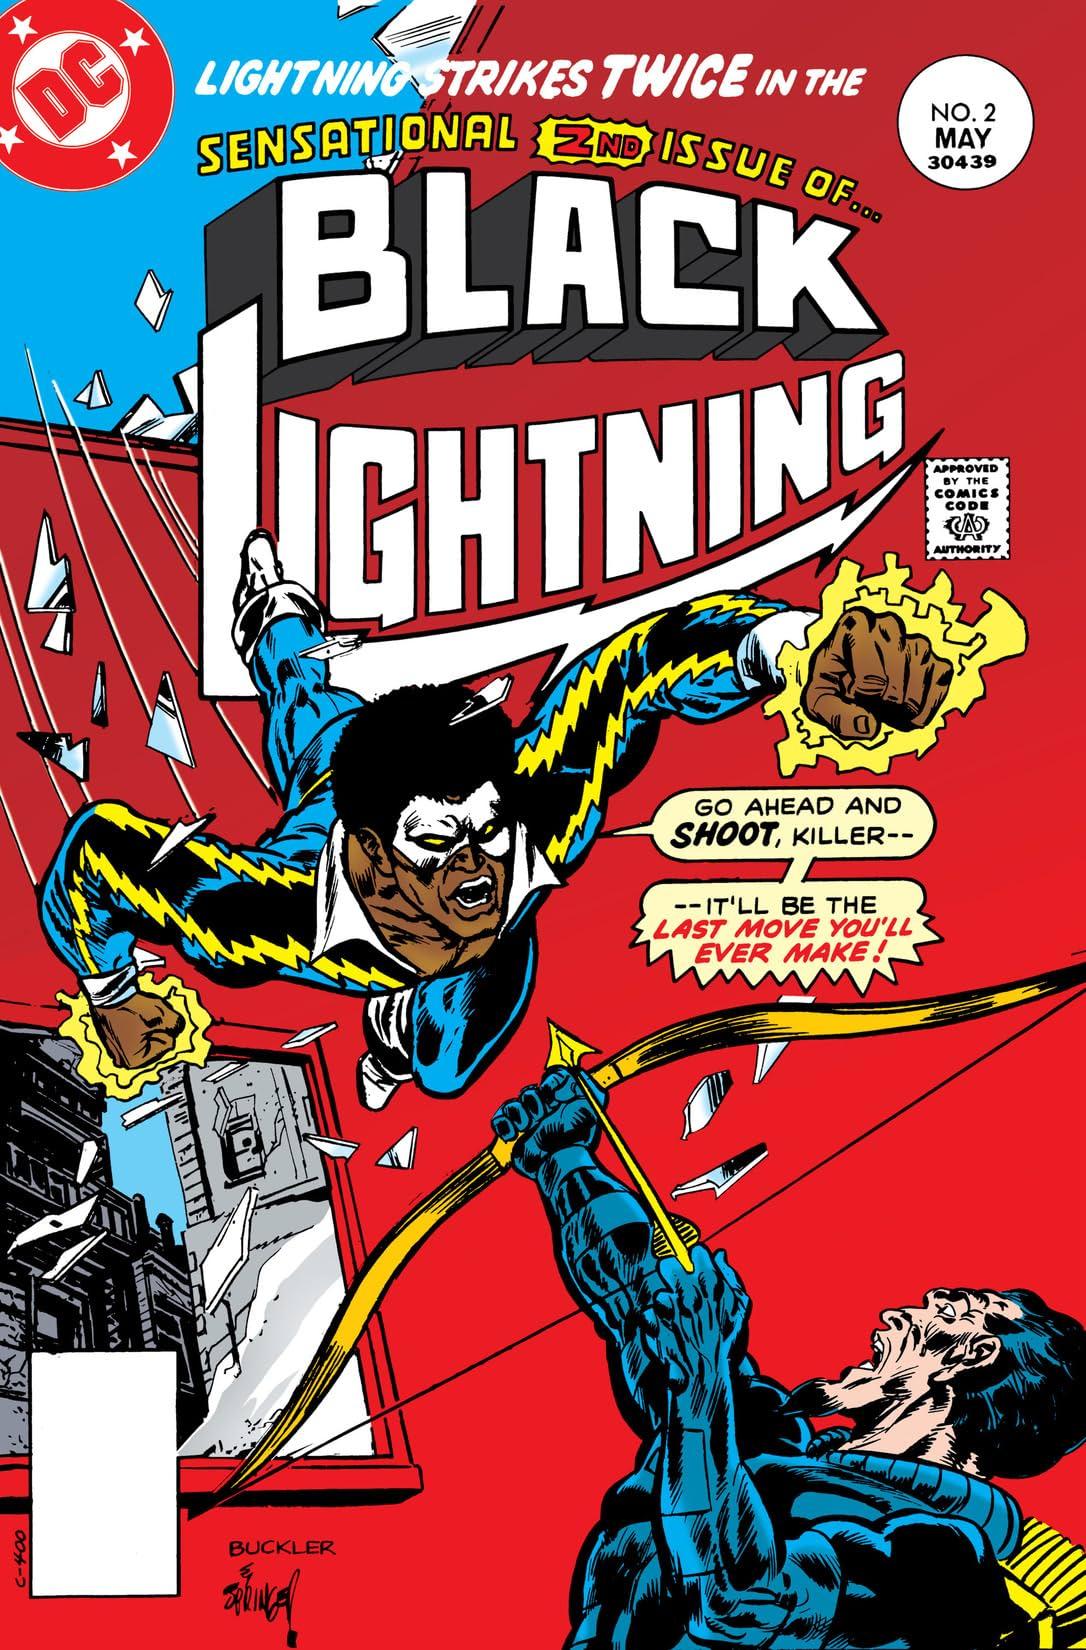 Black Lightning (1977-1978) #2